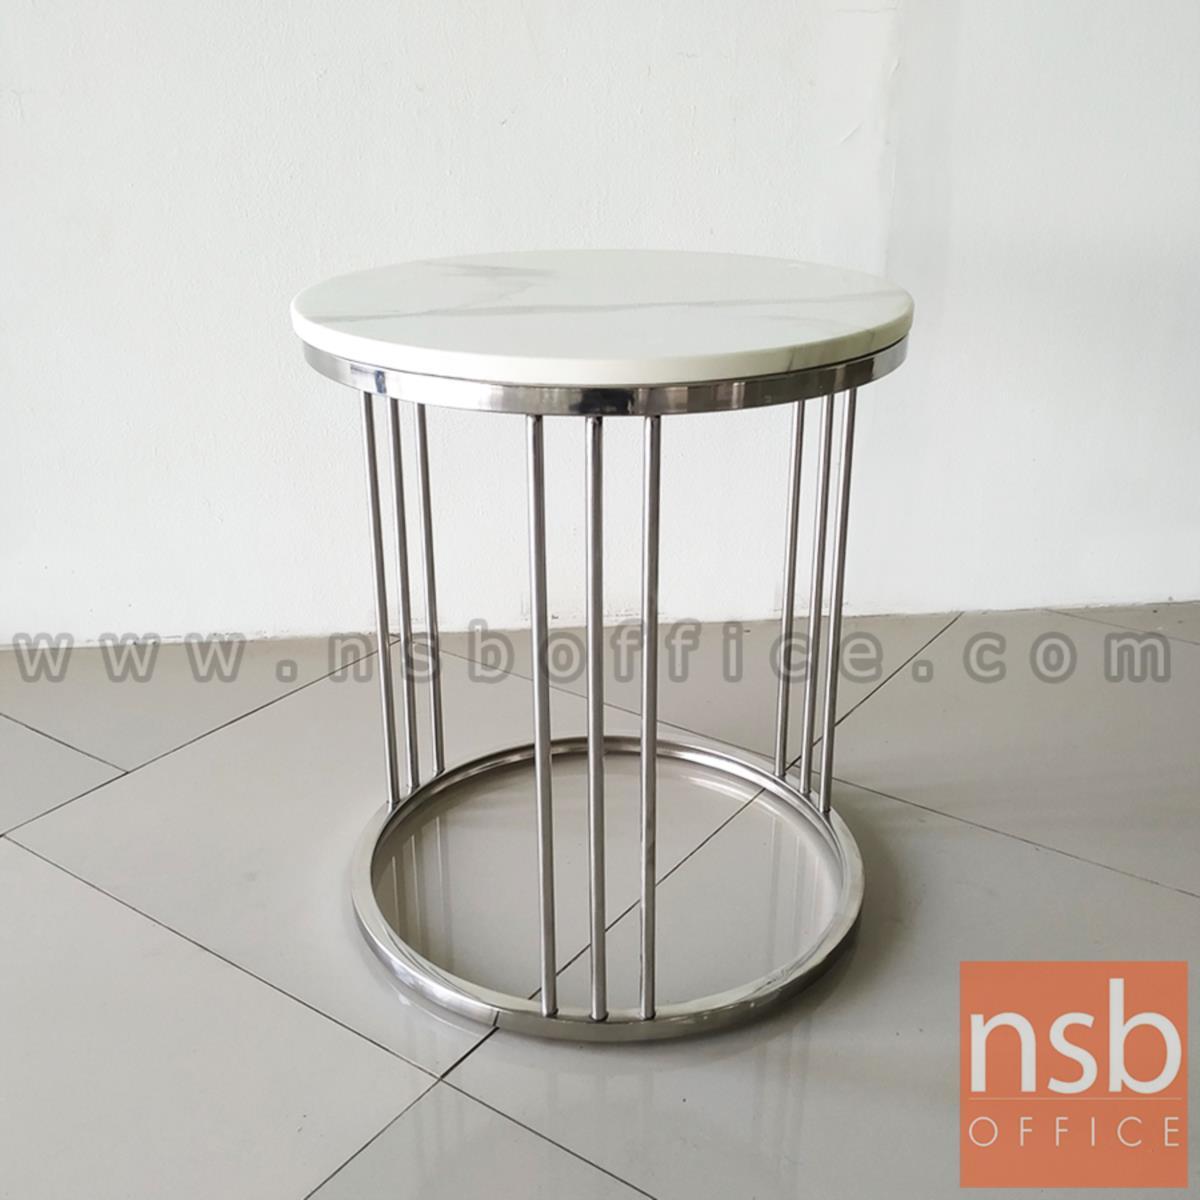 โต๊ะกลาง รุ่น WHITEHORSE (ไวต์ฮอร์ส) ขนาด 45Di cm. ขาสเตนเลส ท็อปหินอ่อน